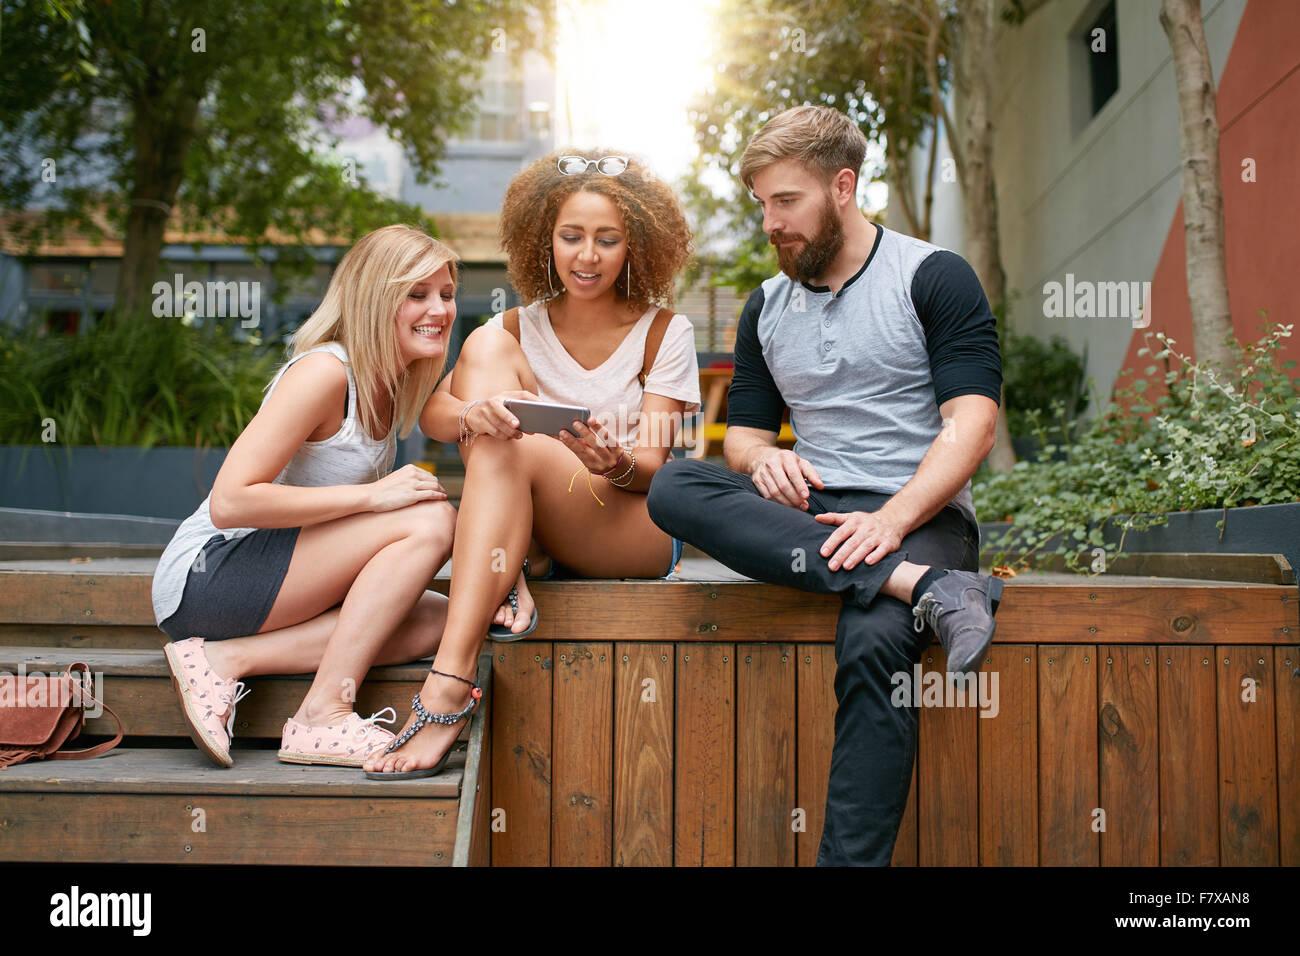 Une photo de groupe de jeunes adultes à la recherche de téléphone cellulaire. Jeunes amis à Photo Stock